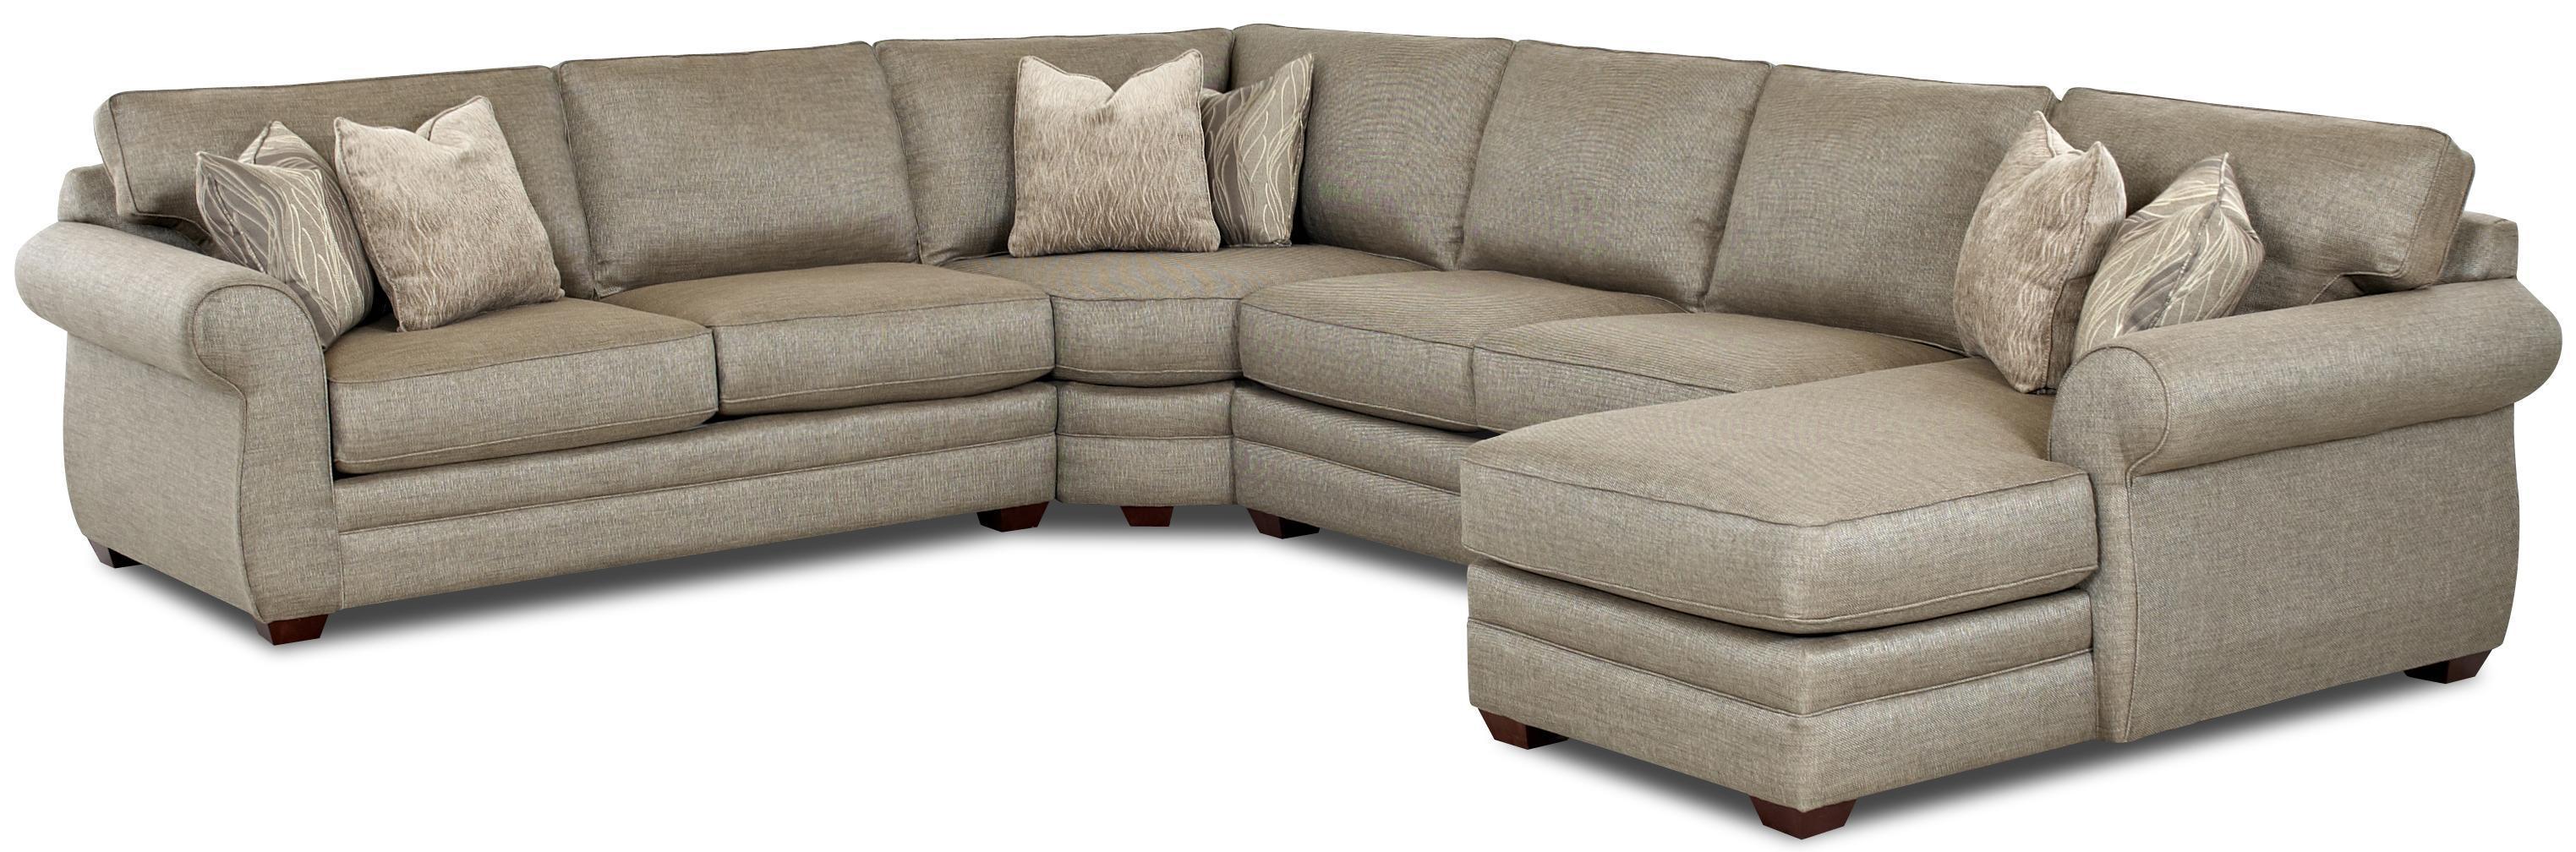 Astonishing Sleeper Sectional Sofas With Chaise 14 With Additional Intended For Sectional With Recliner And Sleeper (Image 2 of 20)